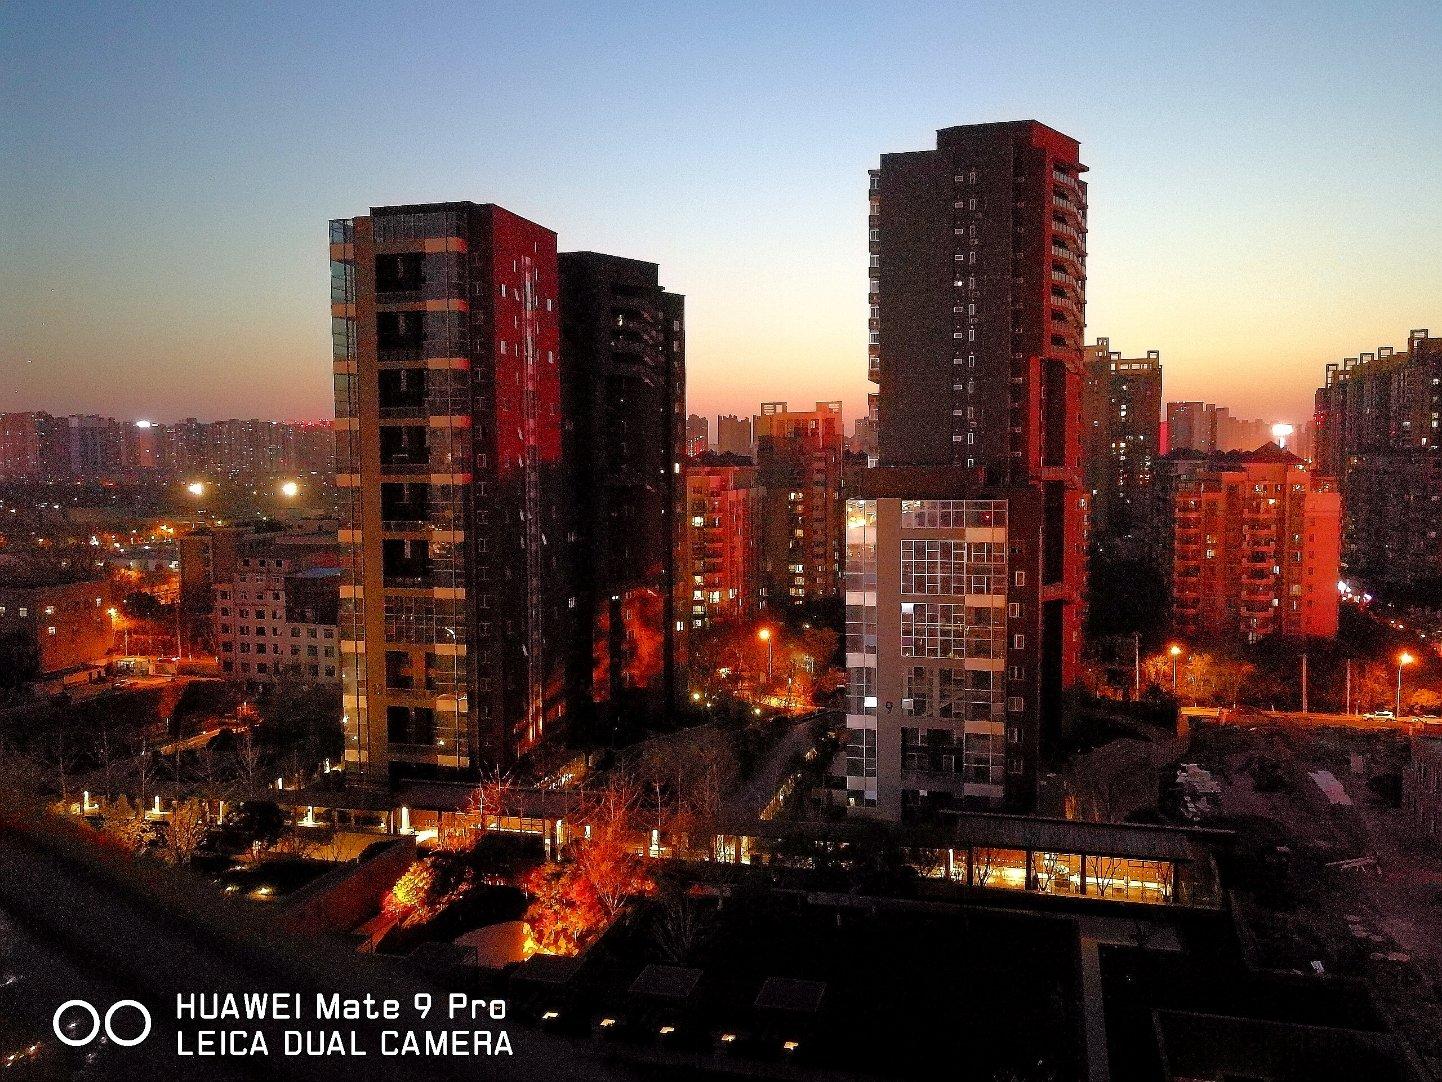 陕西省西安市未央区大明宫高中西安锦园酒店锦园新世纪少女可爱街道图片